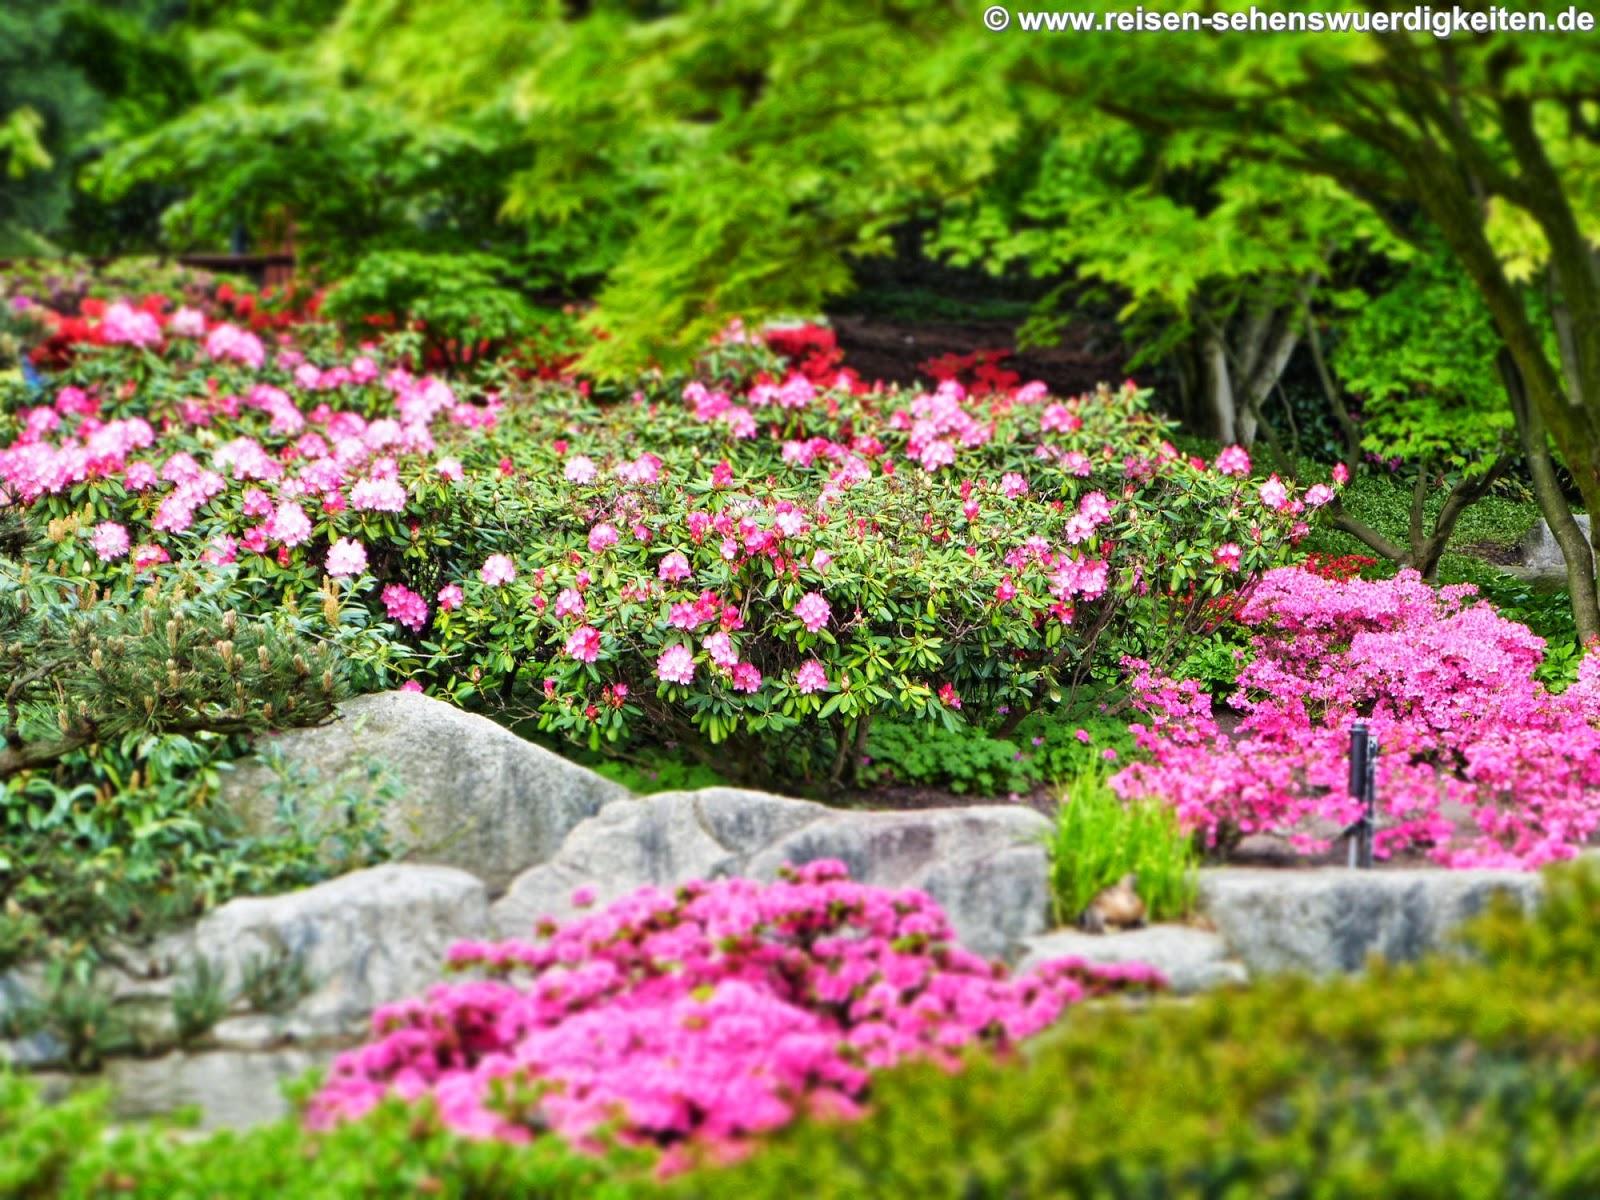 Hintergrundbilder Kostenlos Blumen hintergrund natur blume